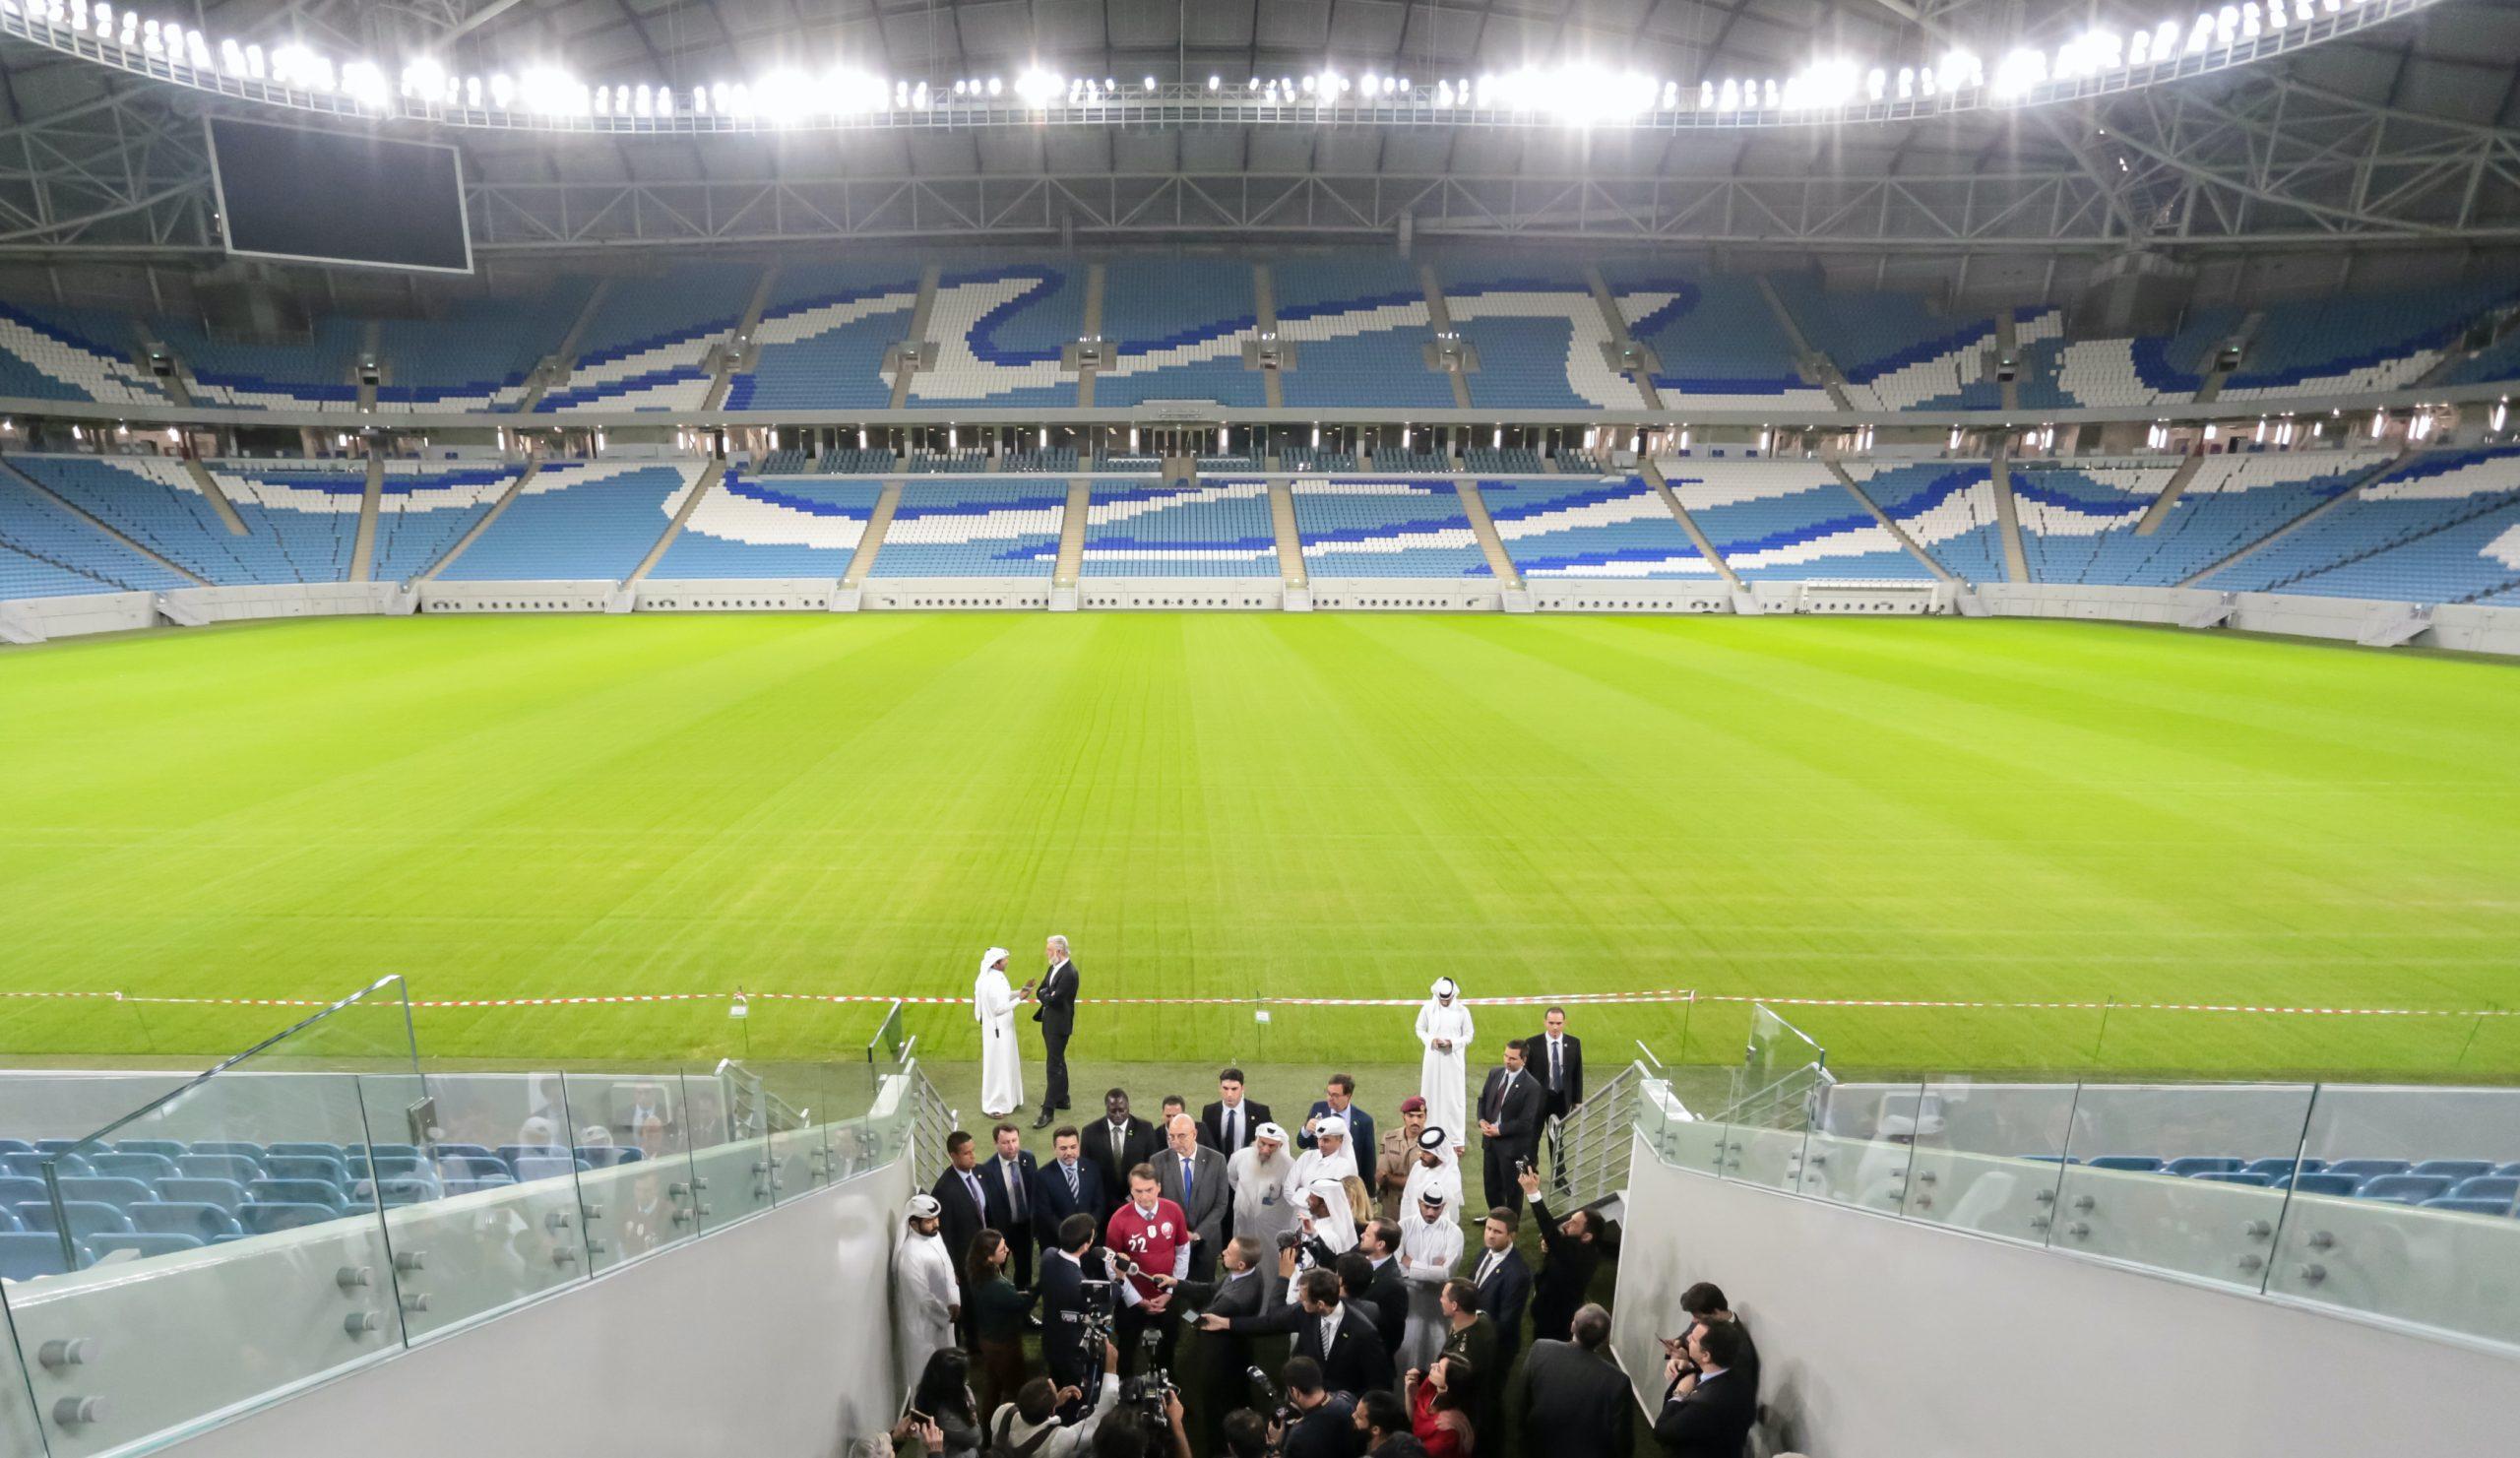 Al Janoub med plads til 40.000 tilskuere af et af de stadions, der skal huse kampe under næste års VM-slutrunde i fodbold. Wikipedia-foto: Valdenio Vieira/PR.Foto: Valdenio Vieira/PR